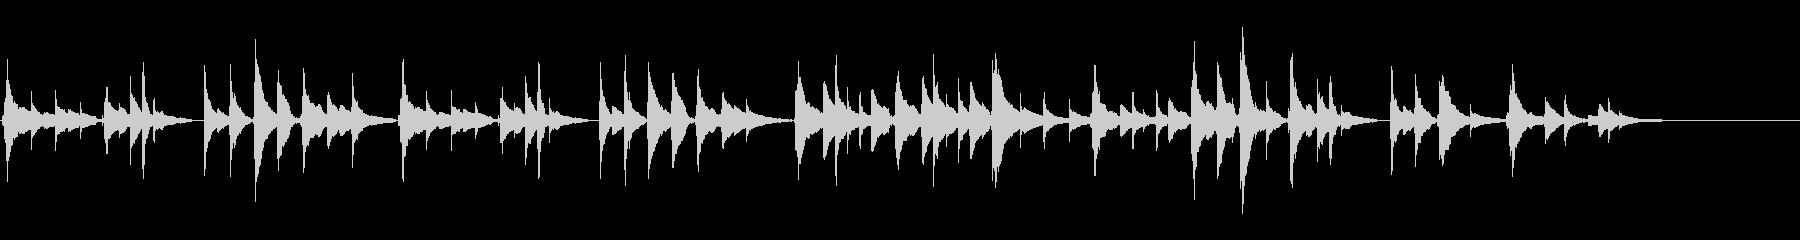 オーラ・リー(ウクレレ・ソロ)の未再生の波形